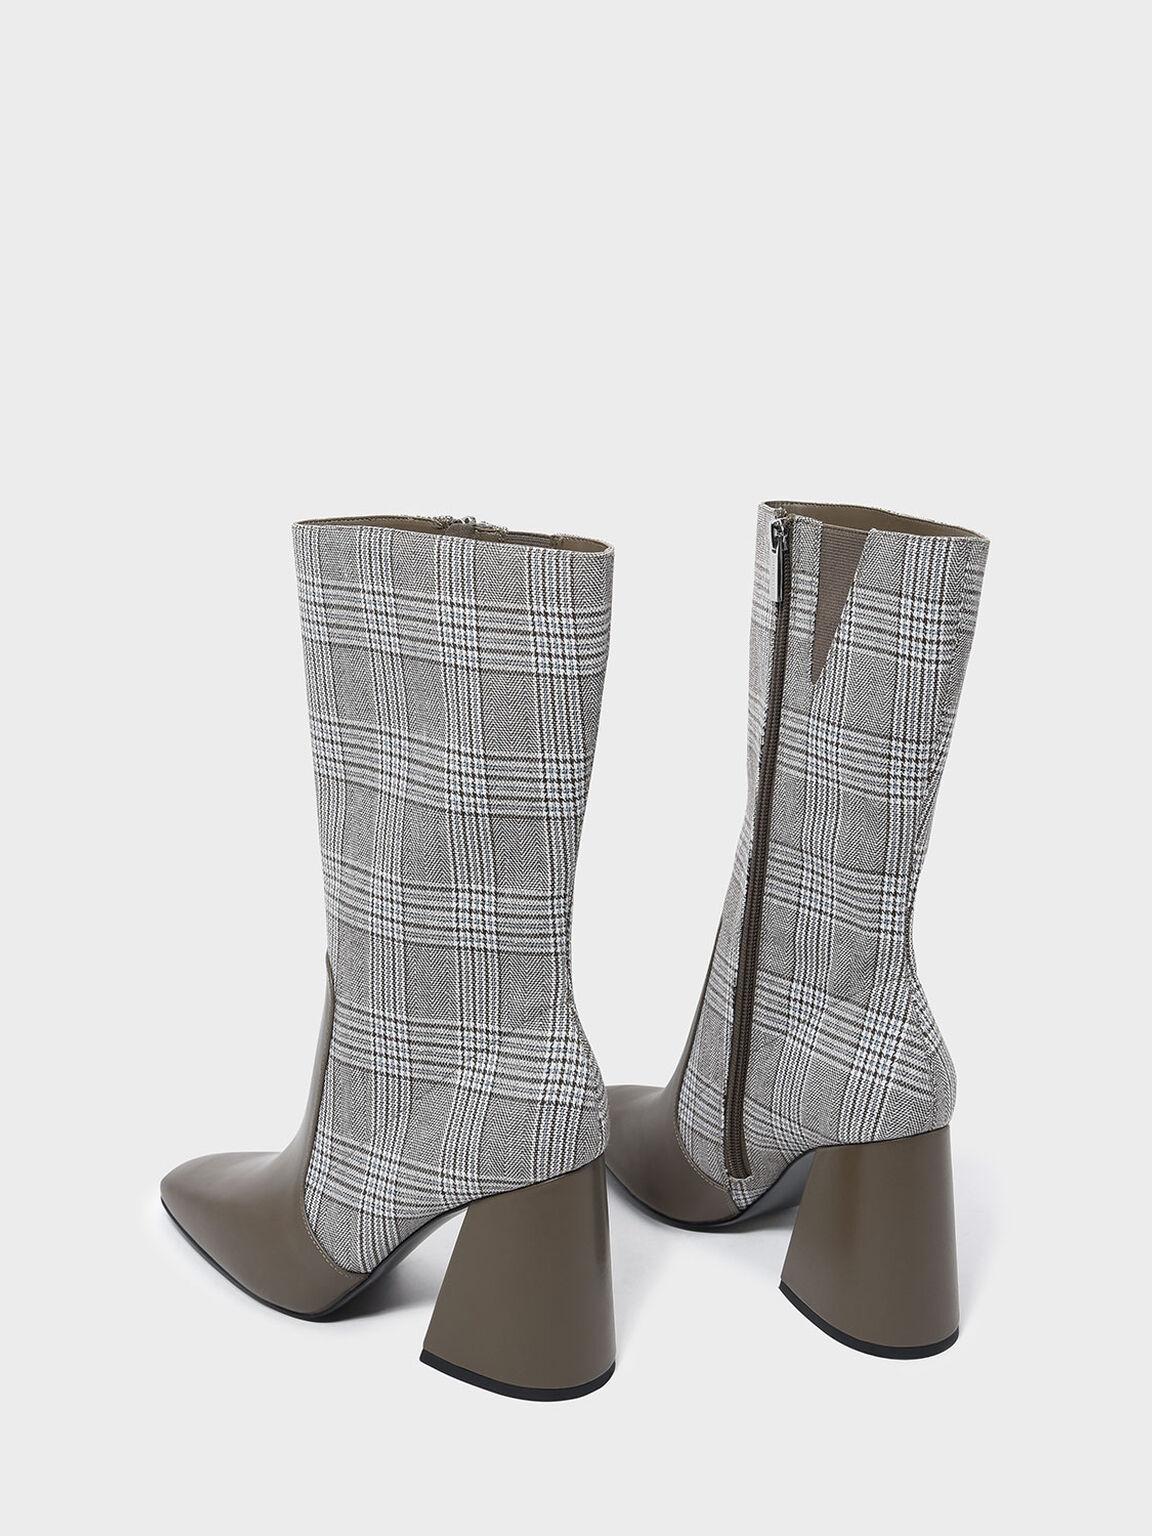 Square Toe Block Heel Boots, Olive, hi-res